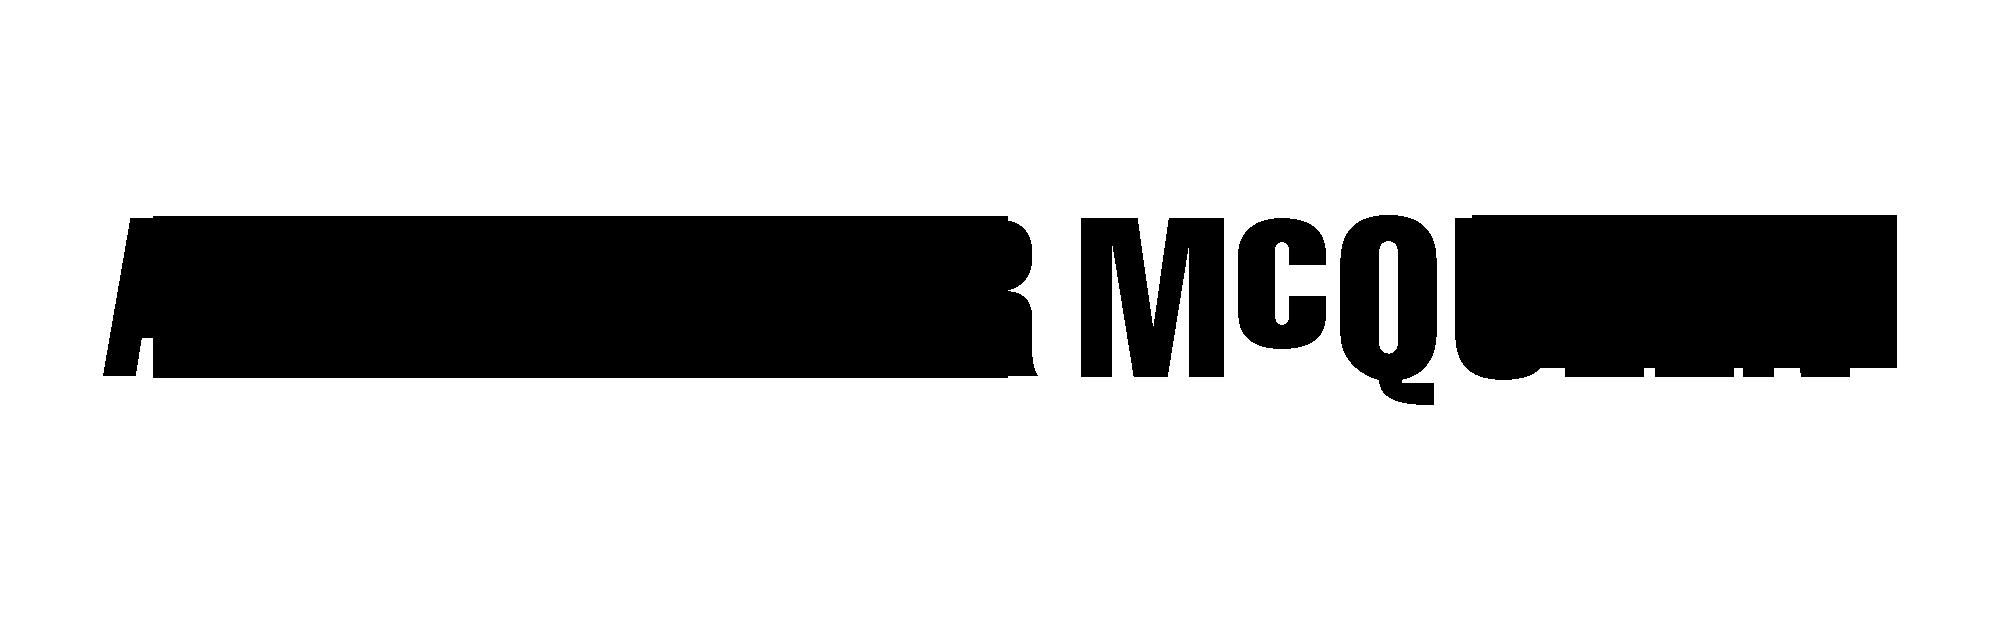 McQ by Alexander McQueen 마카오